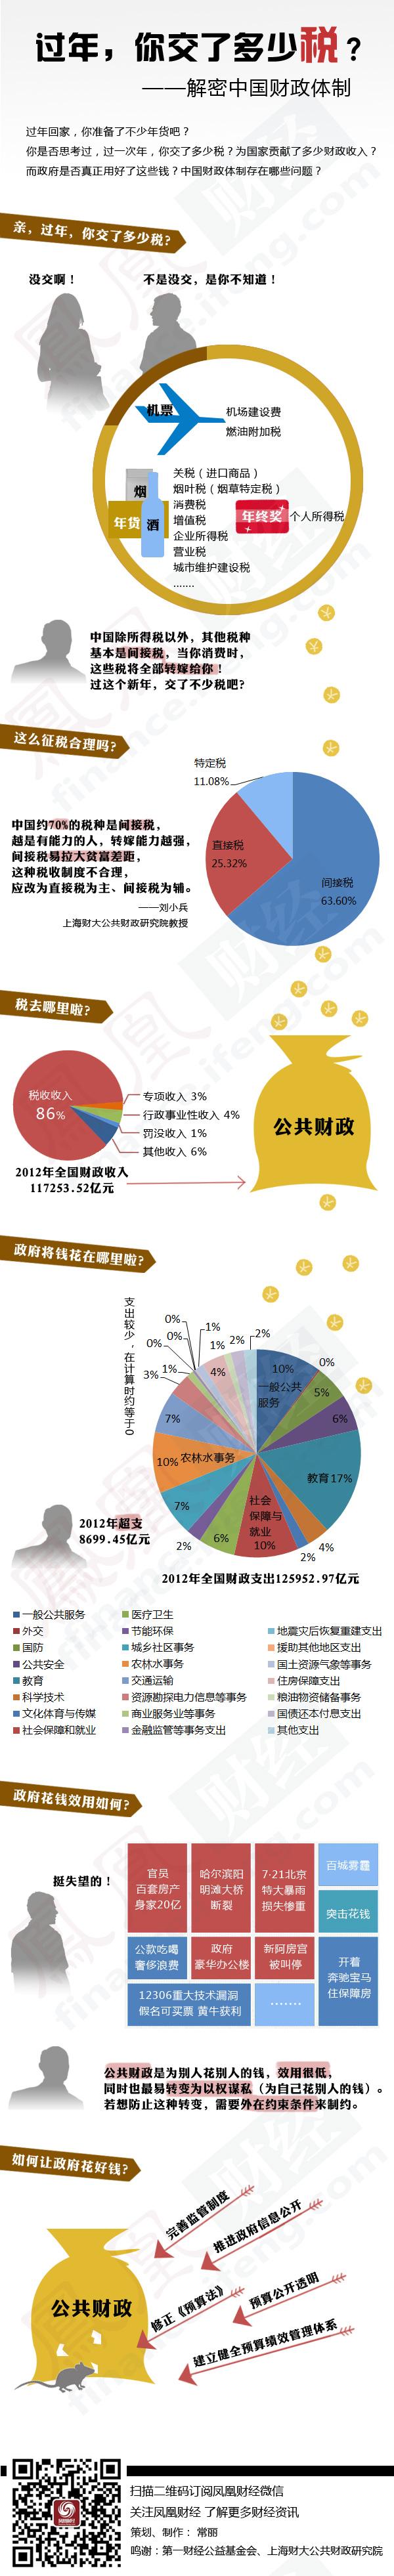 一张图解密中国财政体制 - dengjianfu2356 - dengjianfu2356的博客